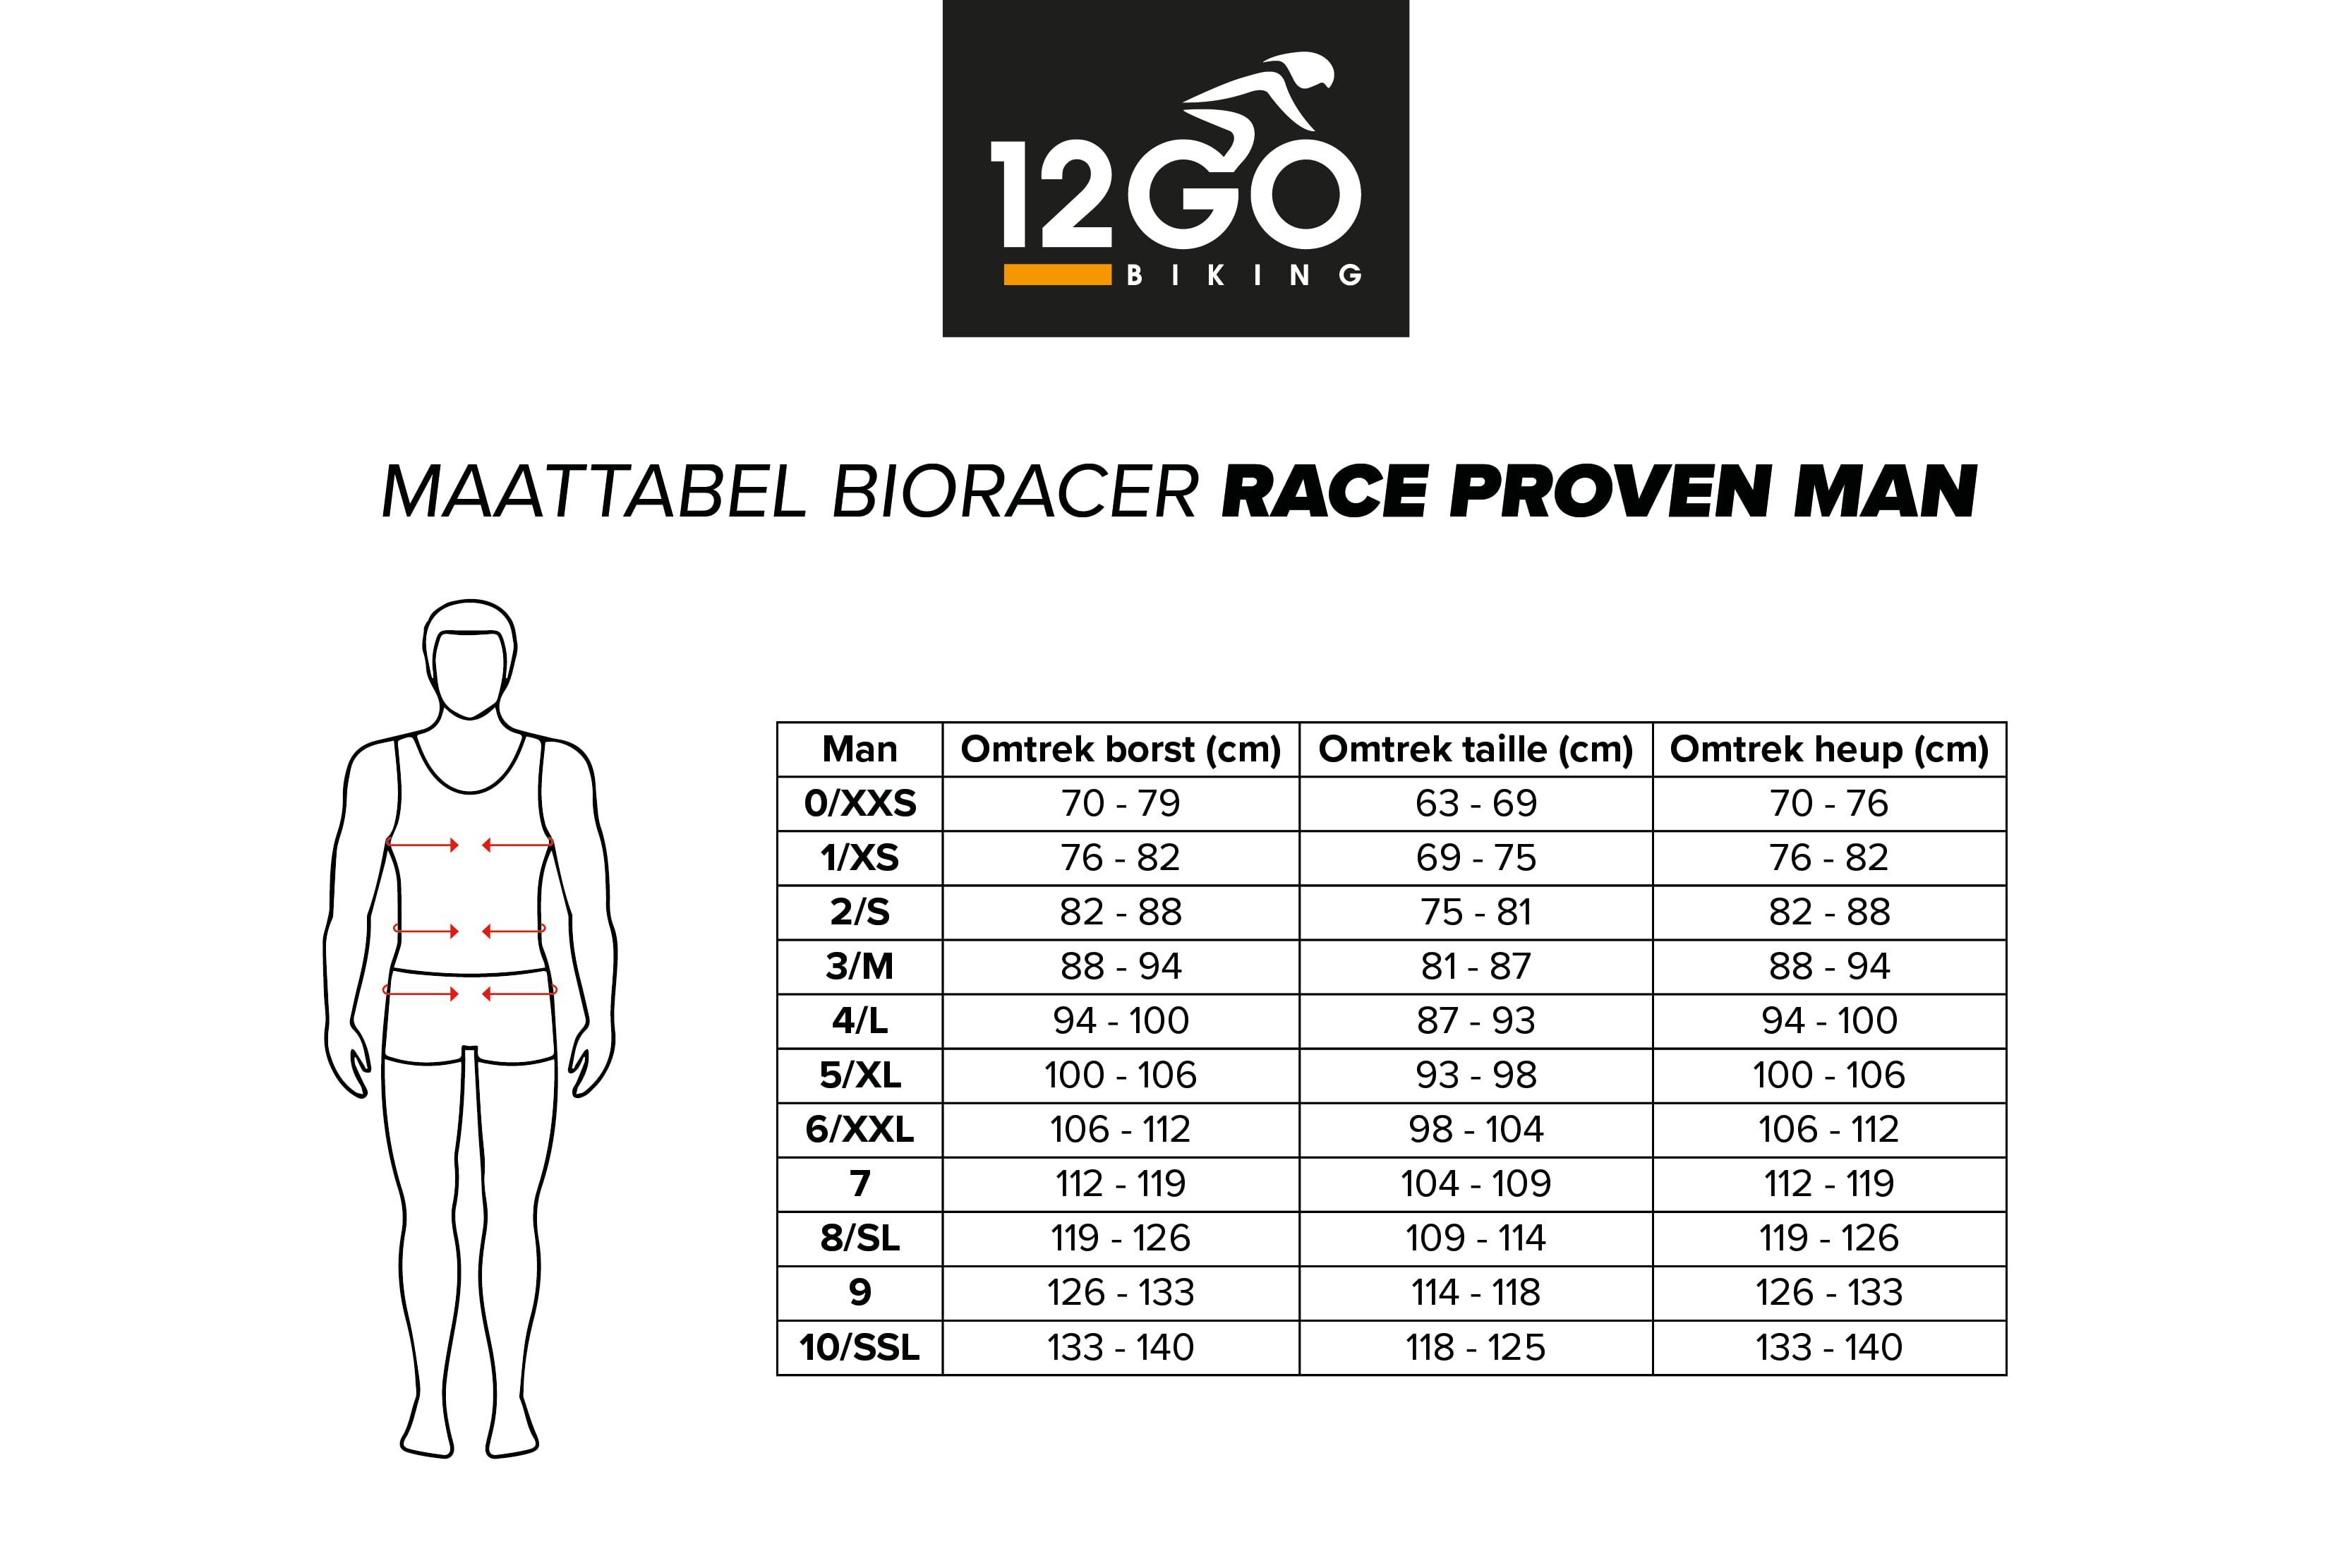 Maattabel bioracer proven